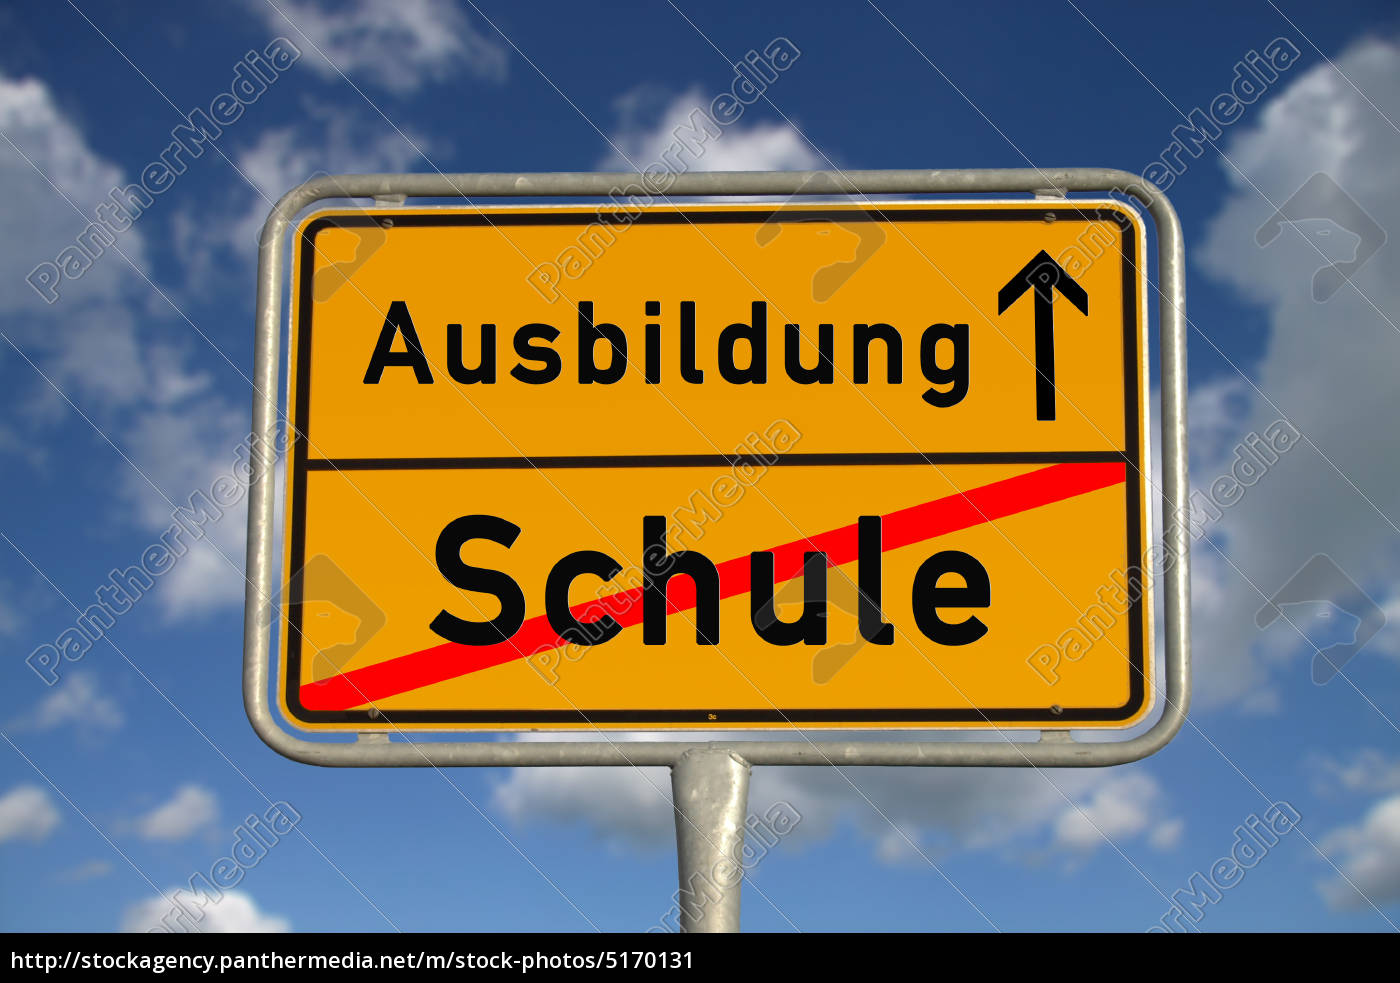 deutsches, ortsschild, schule, ausbildung - 5170131